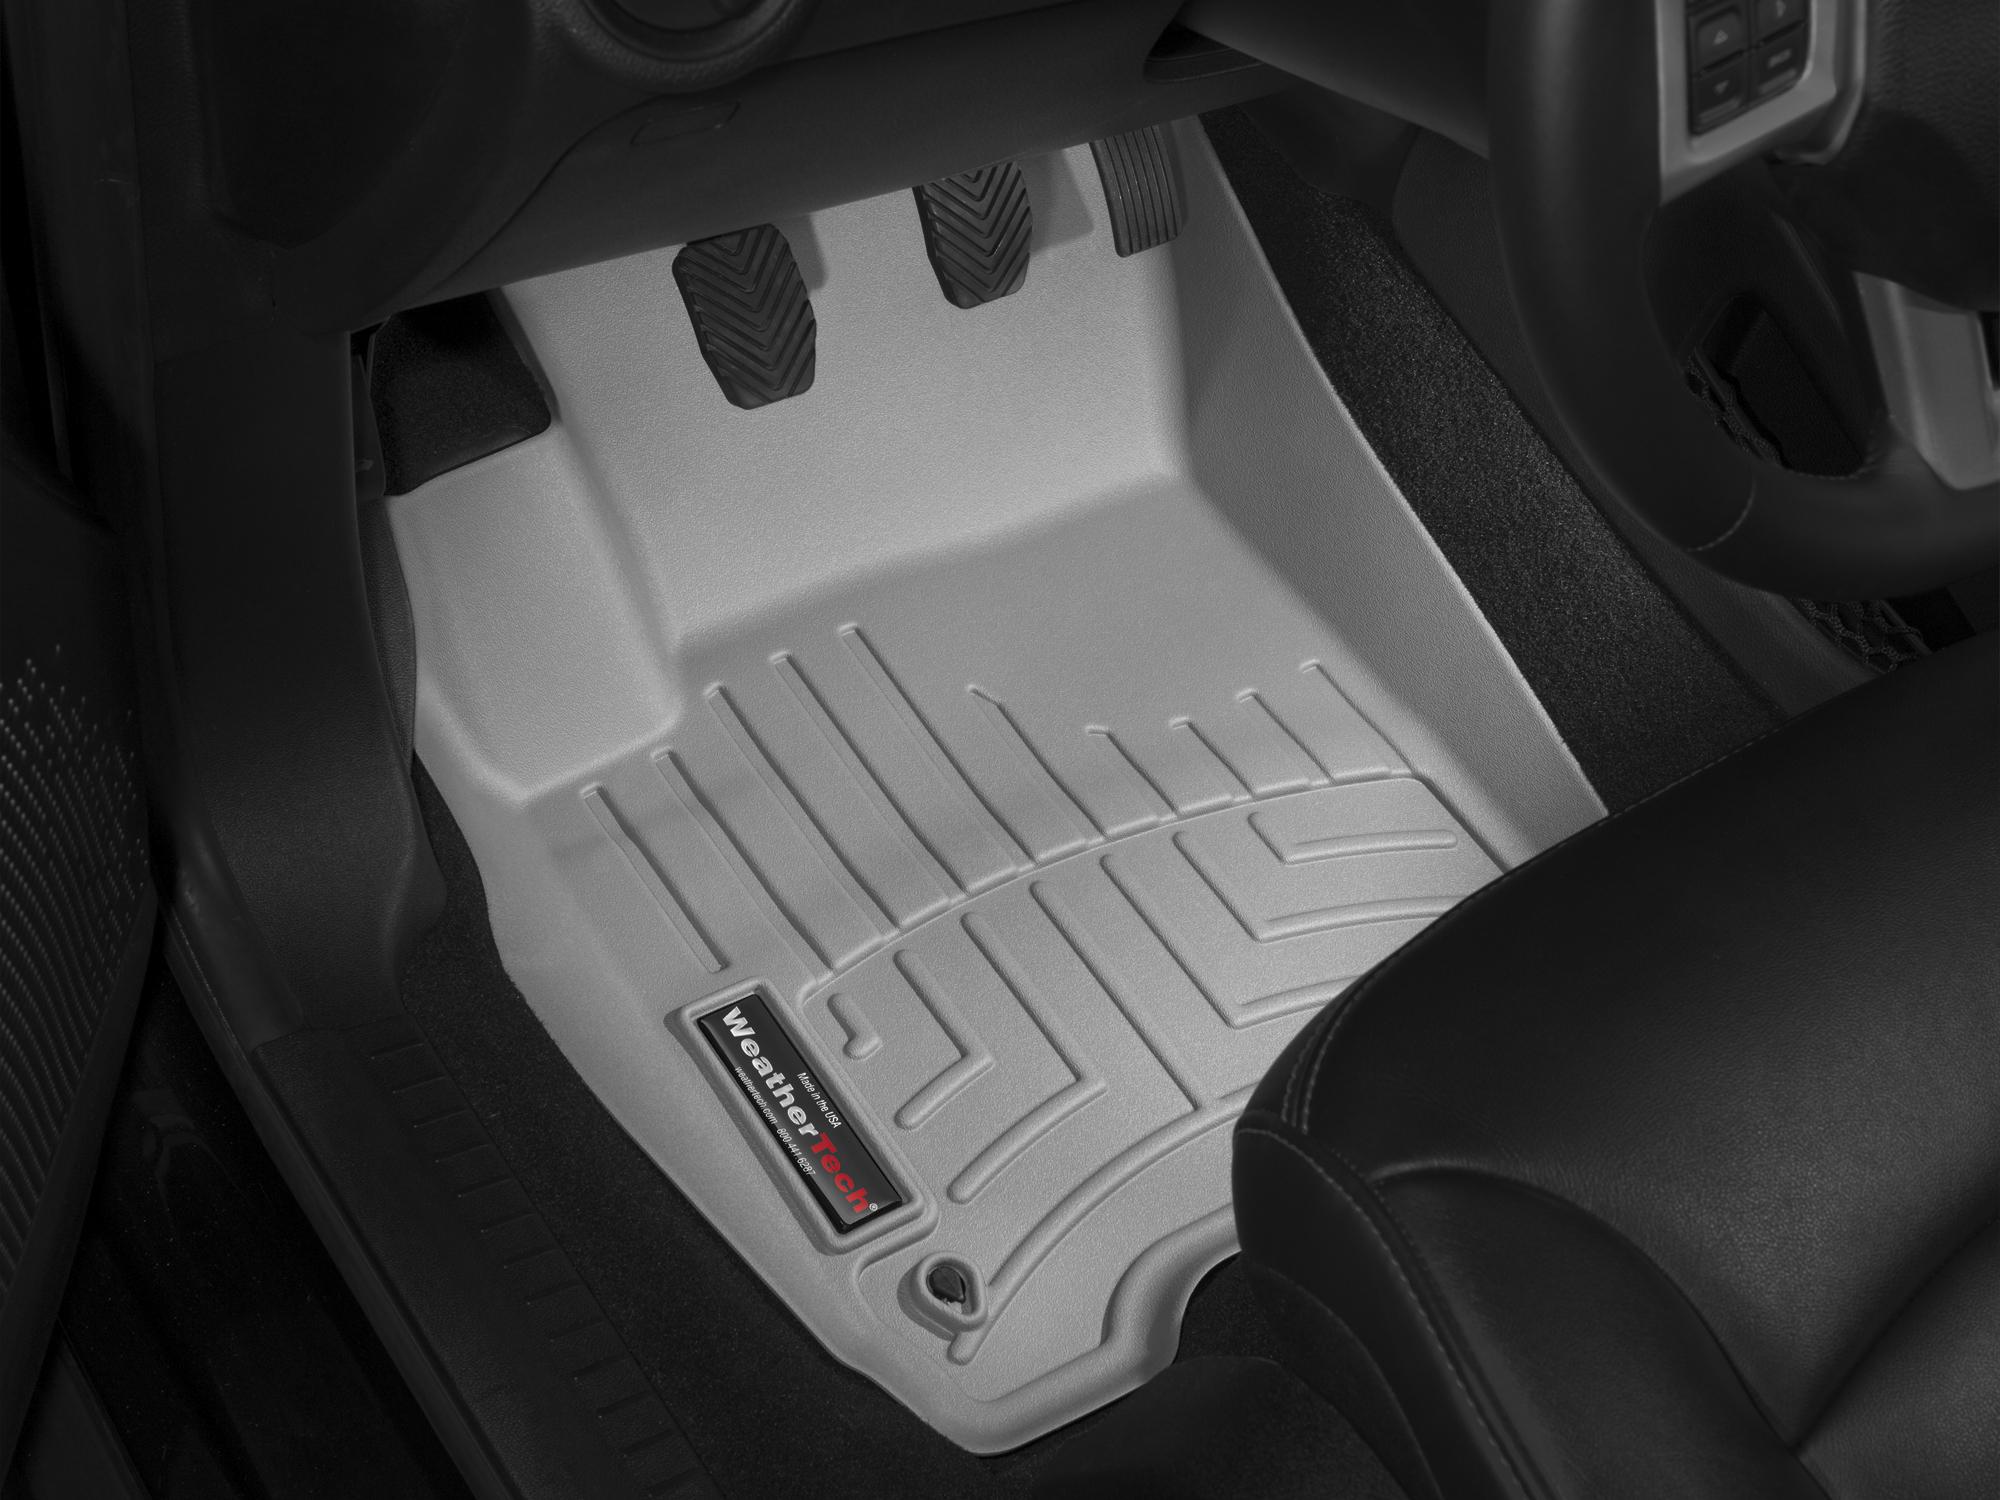 Tappeti gomma su misura bordo alto Fiat Freemont 11>17 Grigio A783*